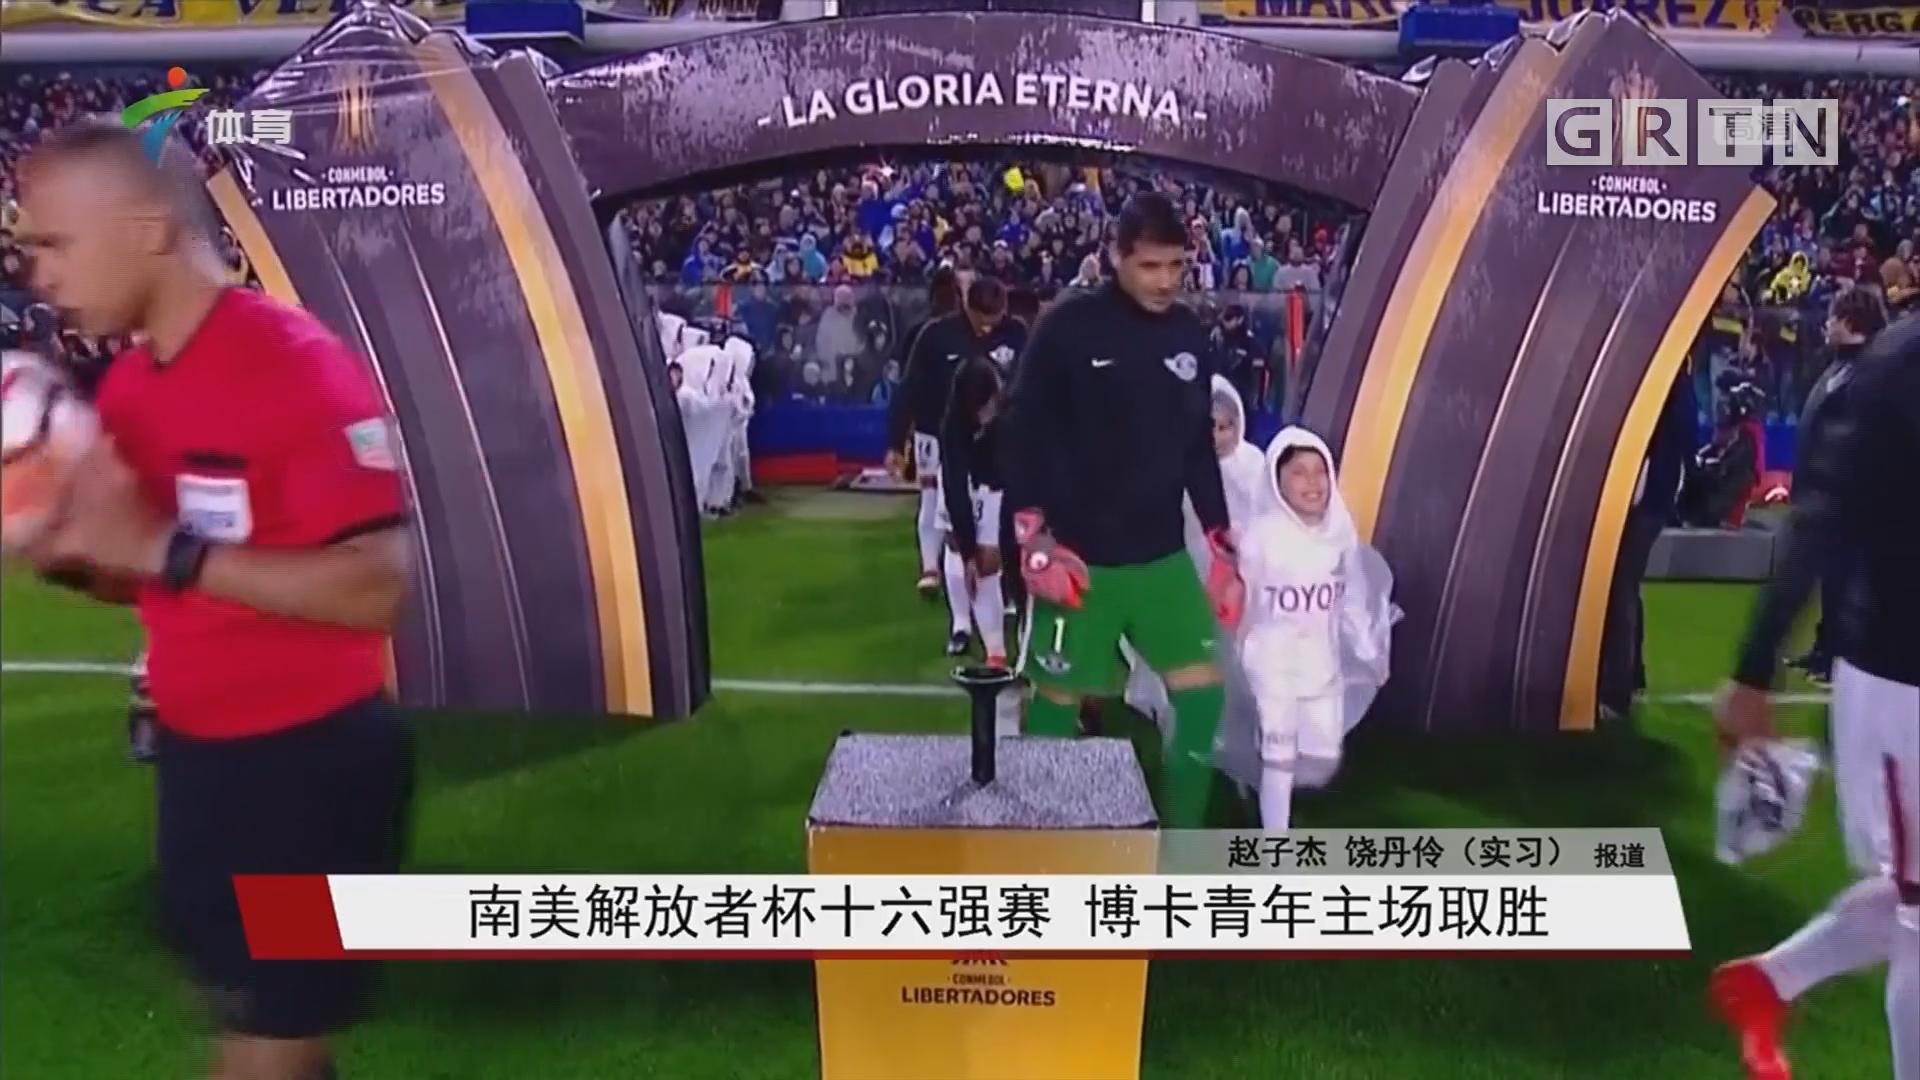 南美解放者杯十六强赛 博卡青年主场取胜